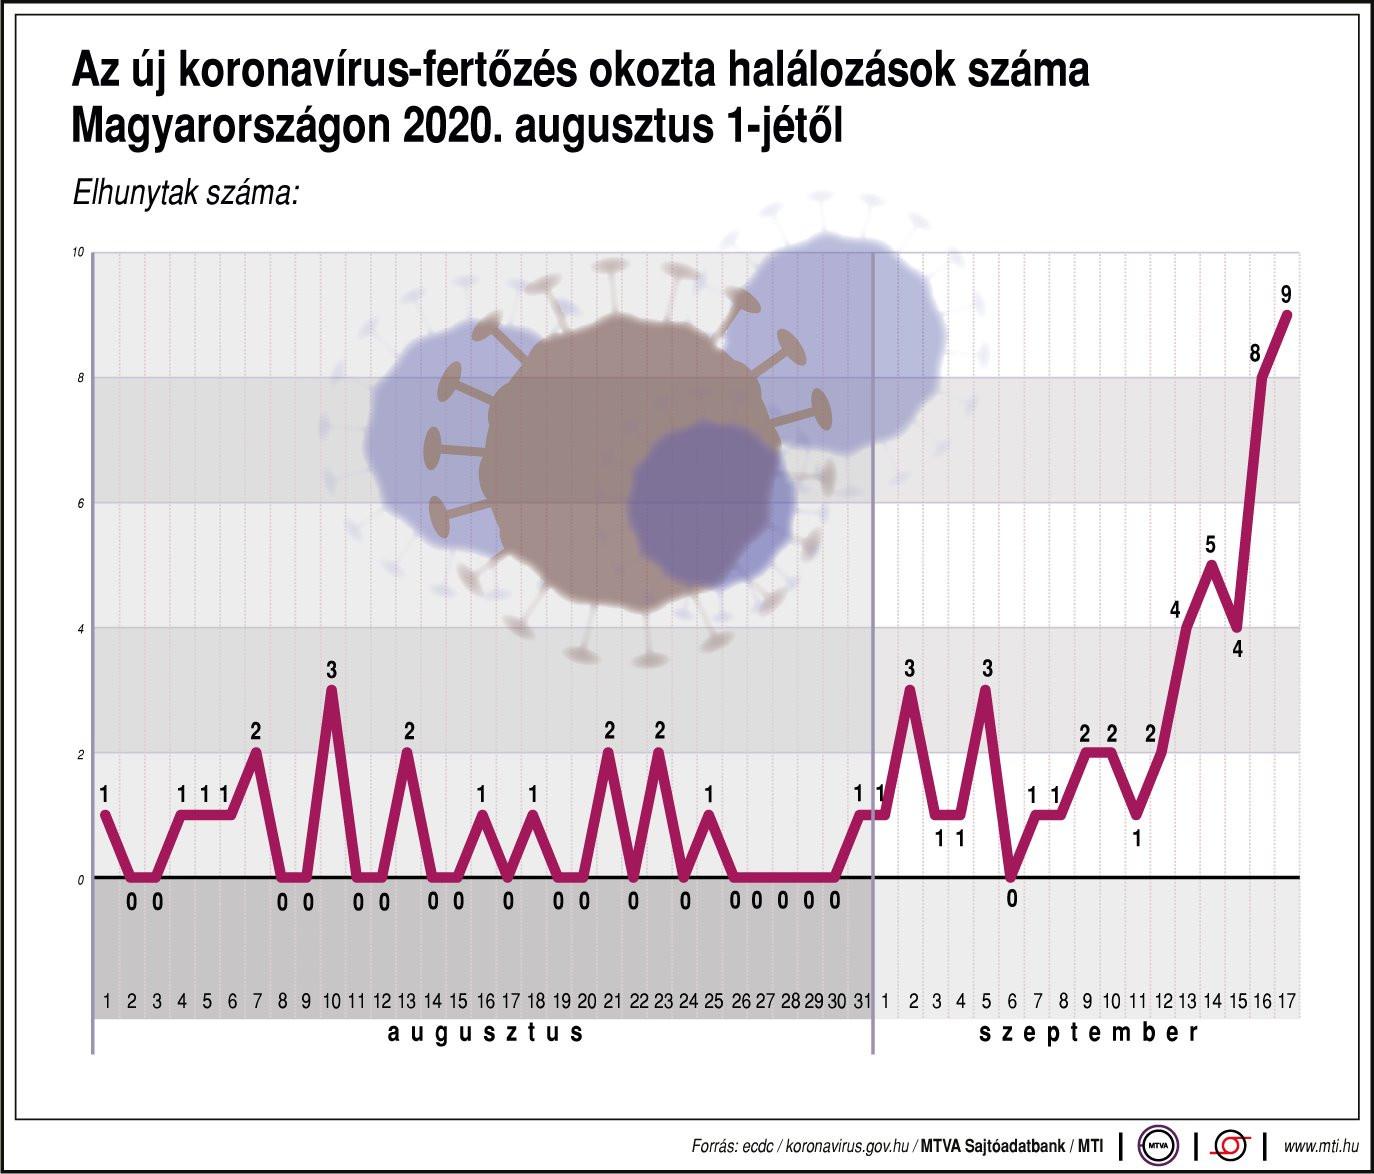 Az új koronavírus-fertőzés okozta halálozások száma Magyarországon 2020. augusztus 1-jétől